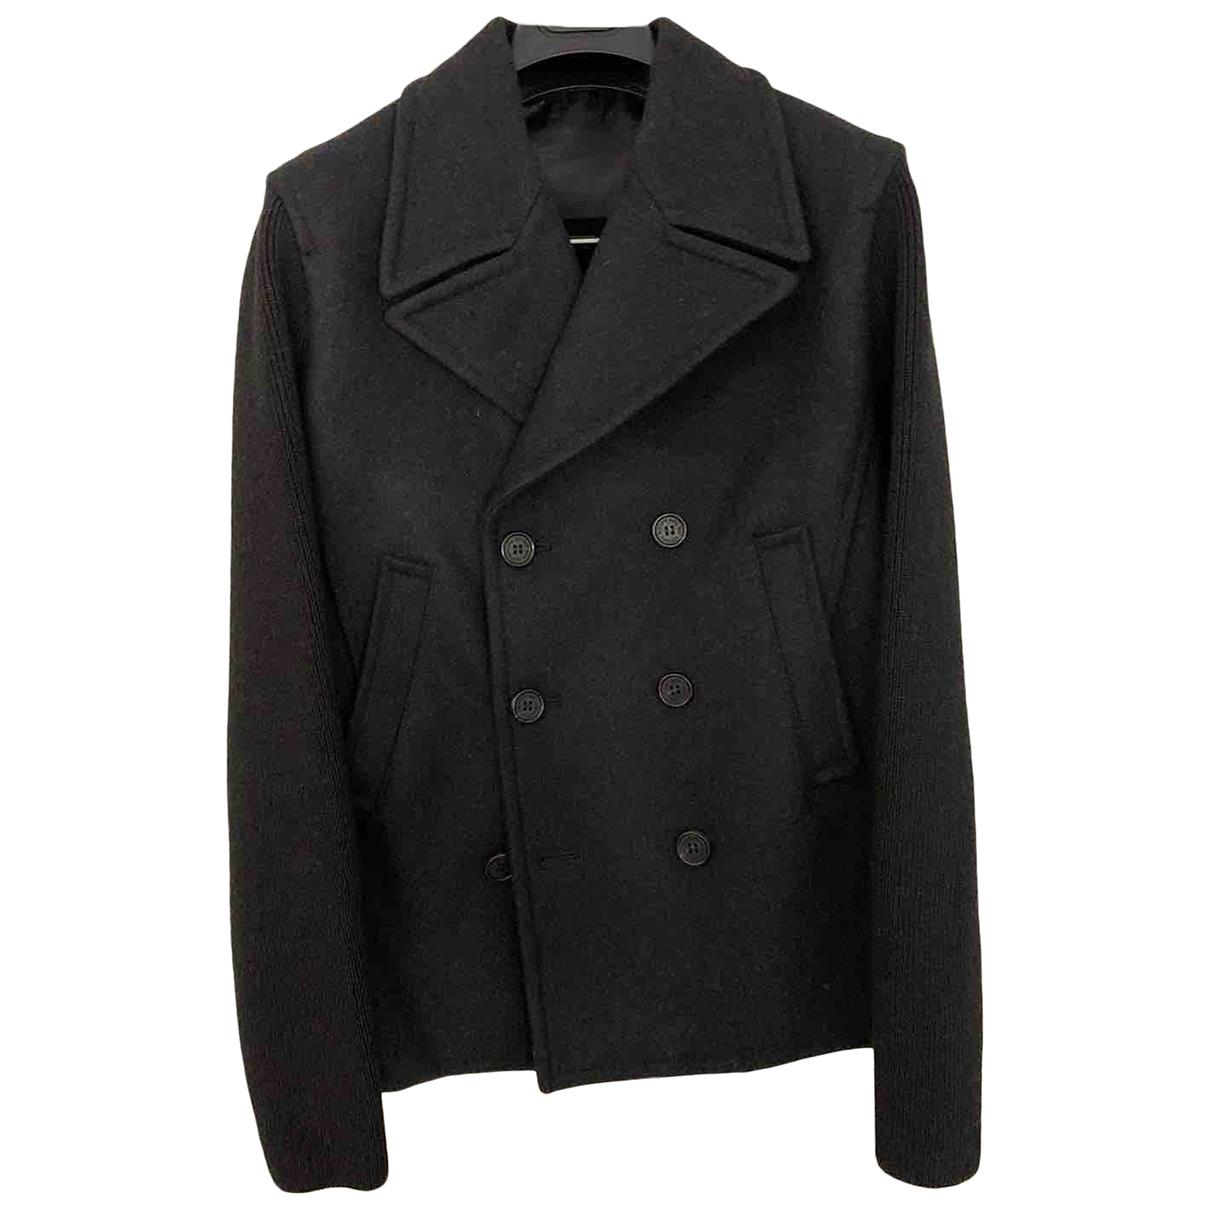 Neil Barrett - Manteau   pour homme en laine - gris